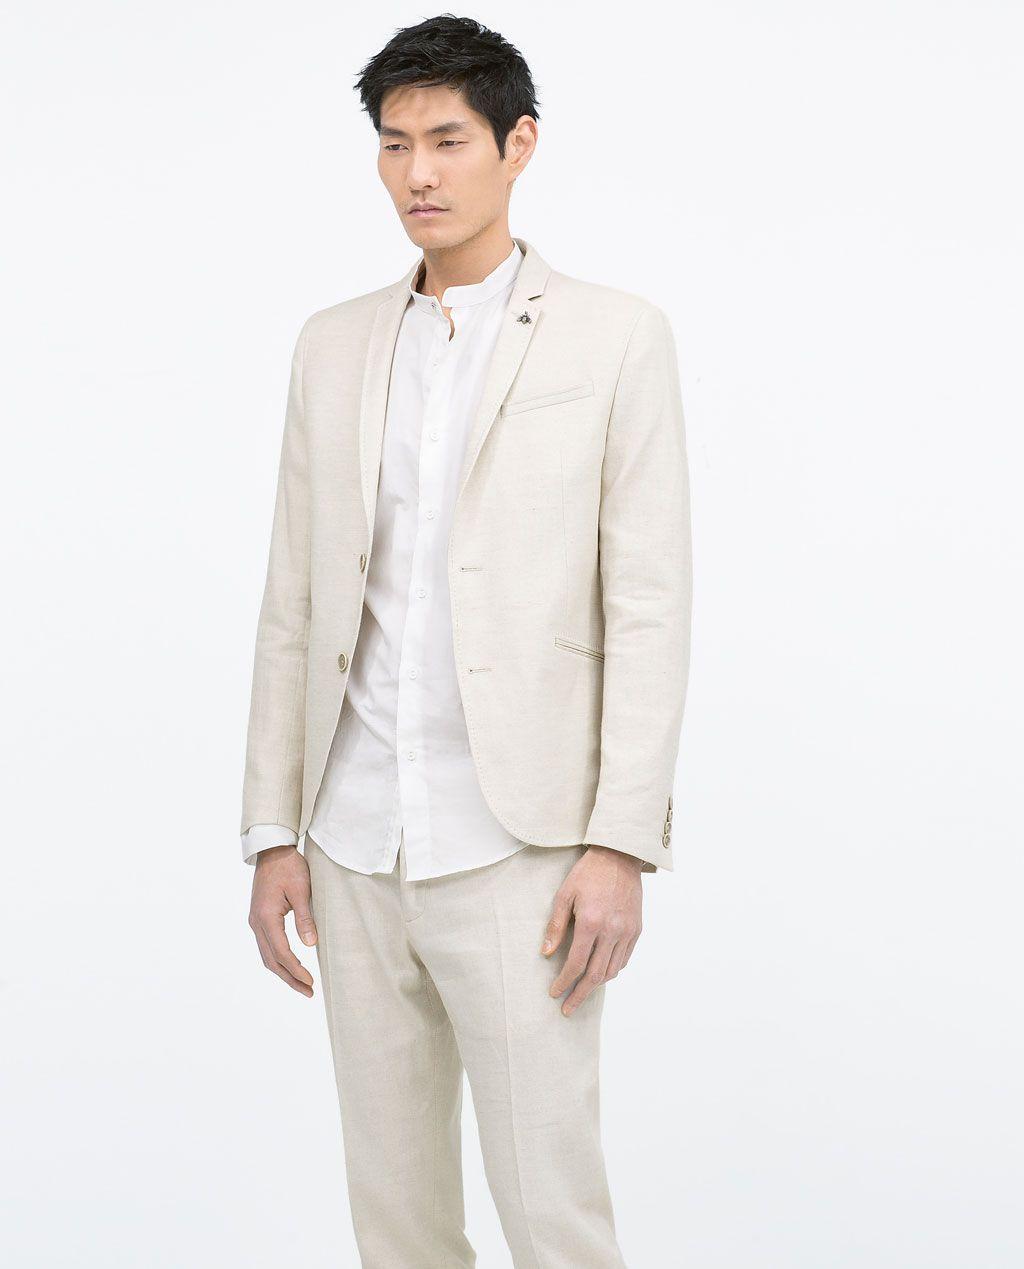 ZARA - MAN - STRETCH LINEN SUIT- mandarin collar shirt! | Man\'s ...